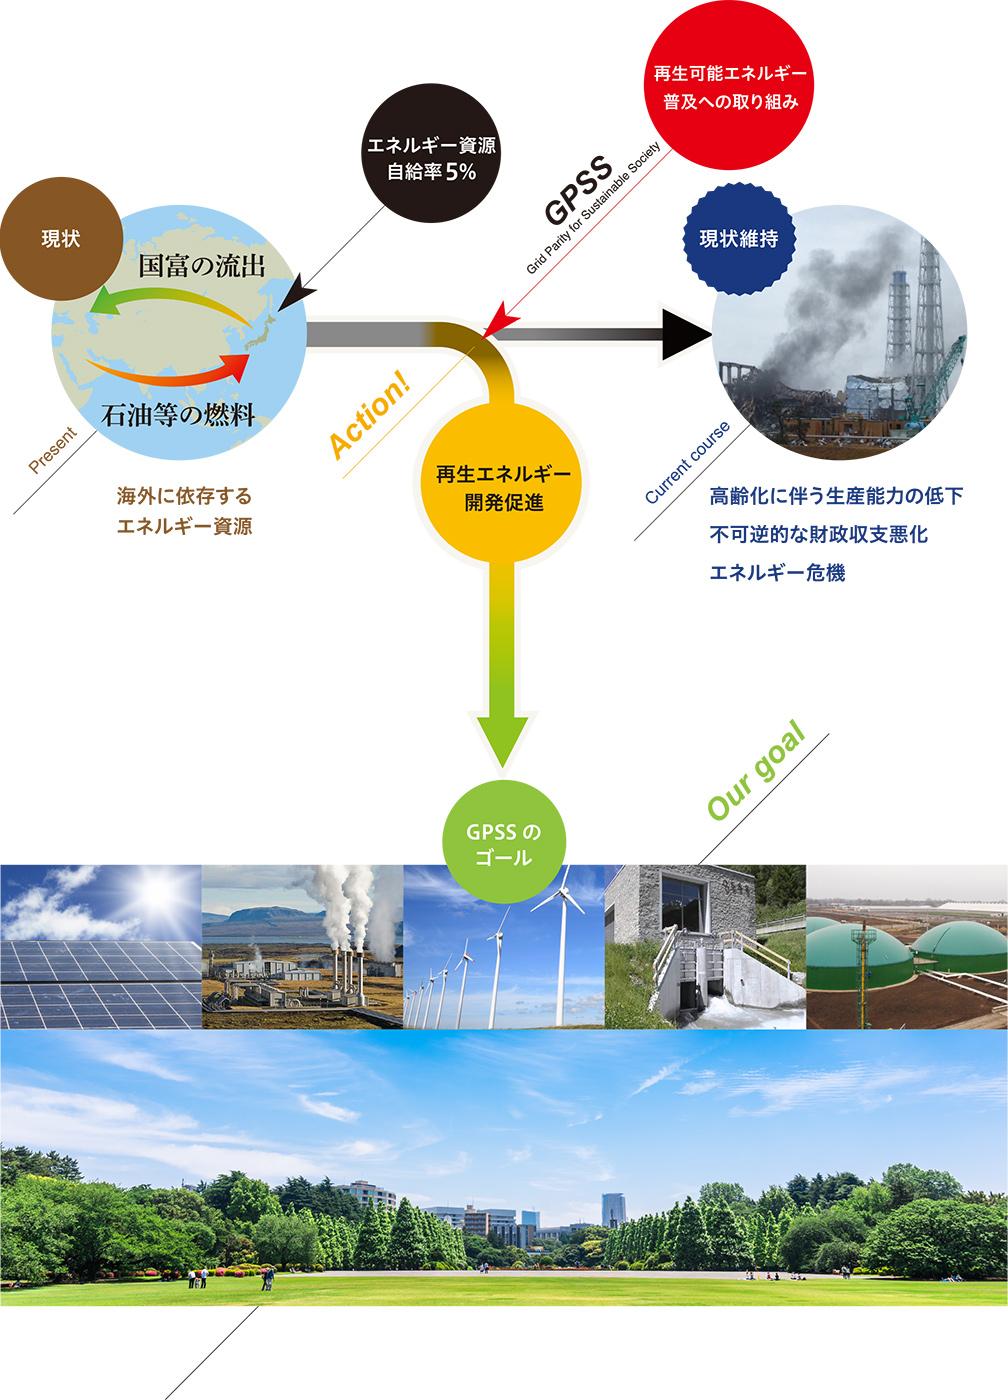 過去:海外に依存するエネルギー原料 → 現状維持だと:高齢化に伴う生産能力の低下不可逆的な財政収支悪化エネルギー危機。[change!] 再生エネルギー開発促進 → GPSSのゴール